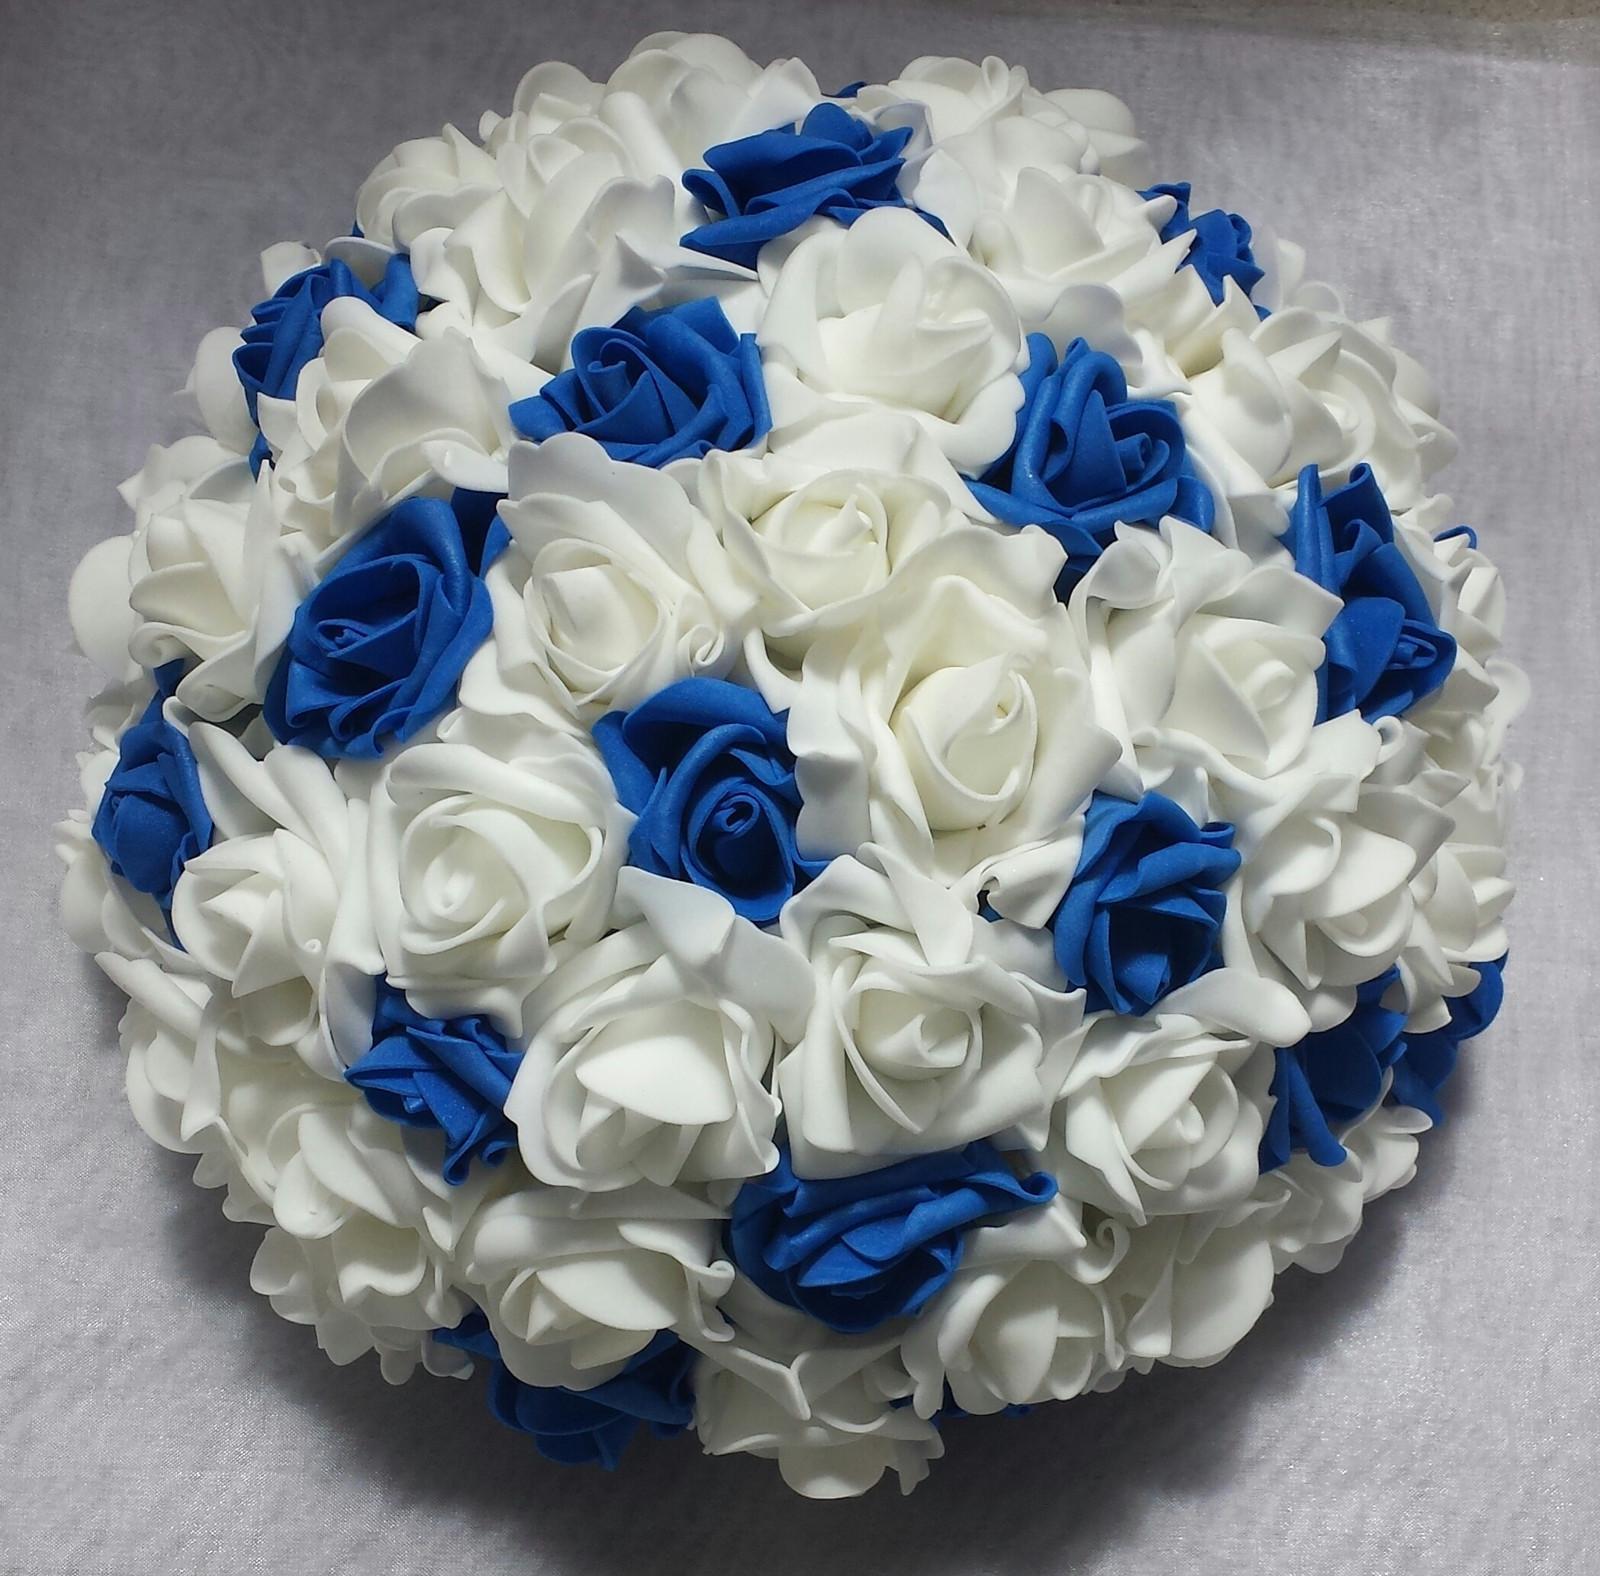 XXL Buket na svatební auto bílá a modrá - Obrázek č. 1